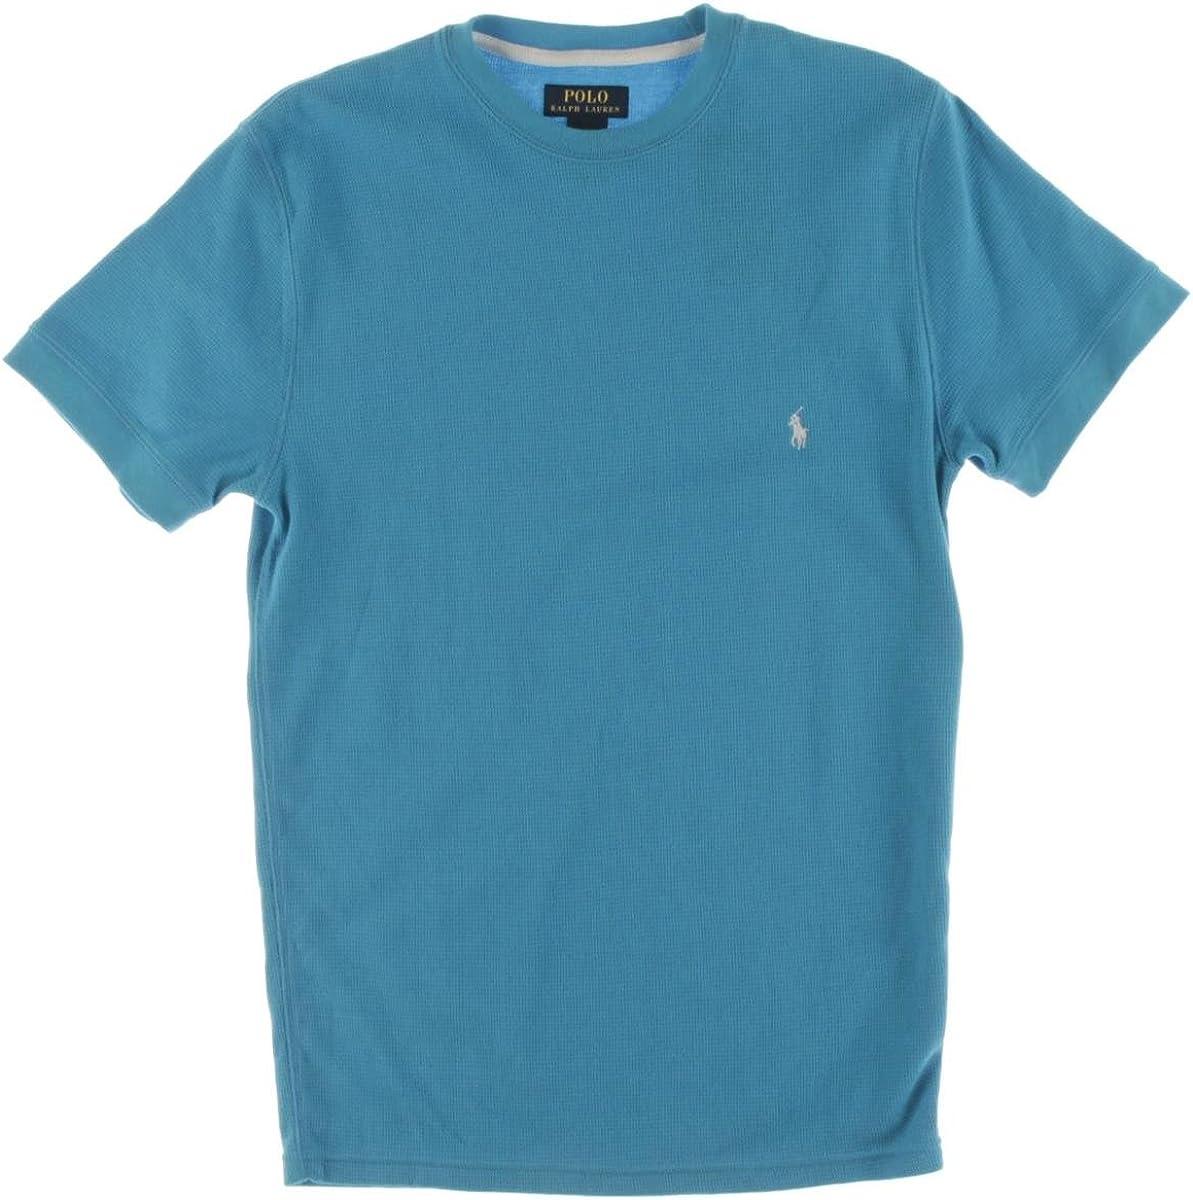 Polo Ralph Lauren Mens Short Sleeves Crew Neck T-Shirt Blue M